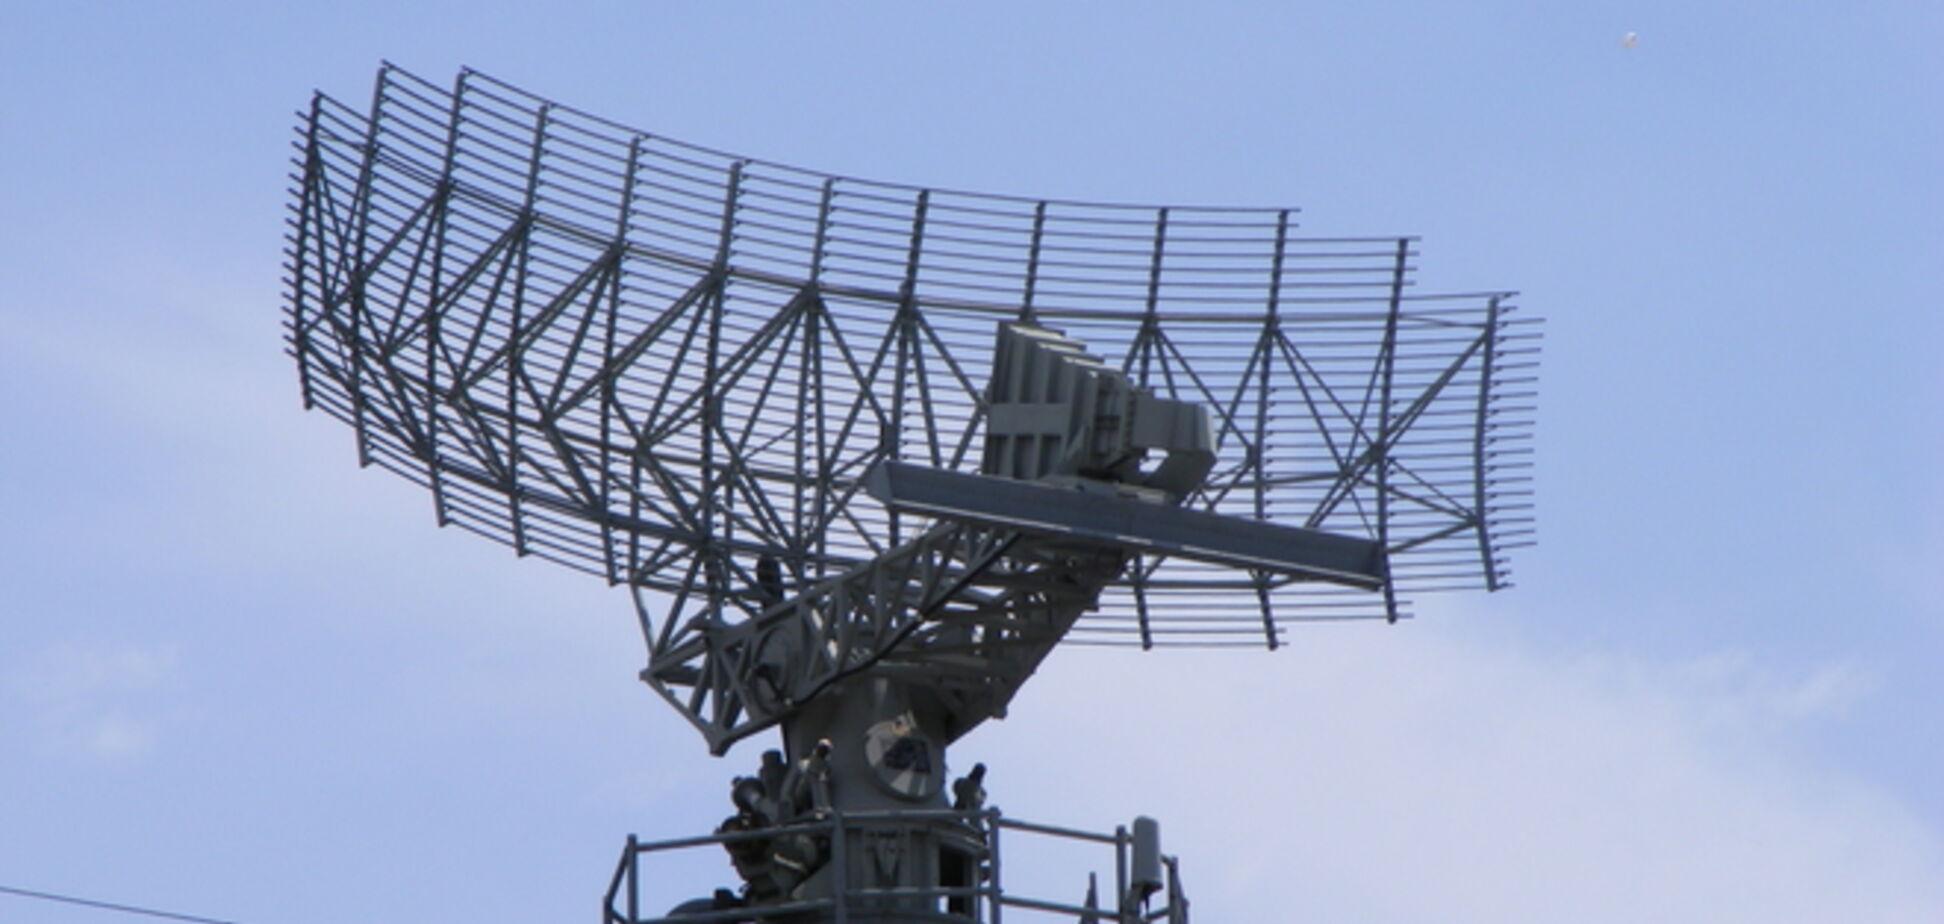 Террористы повредили радиолокационные установки, которые контролировали воздушную границу - СМИ